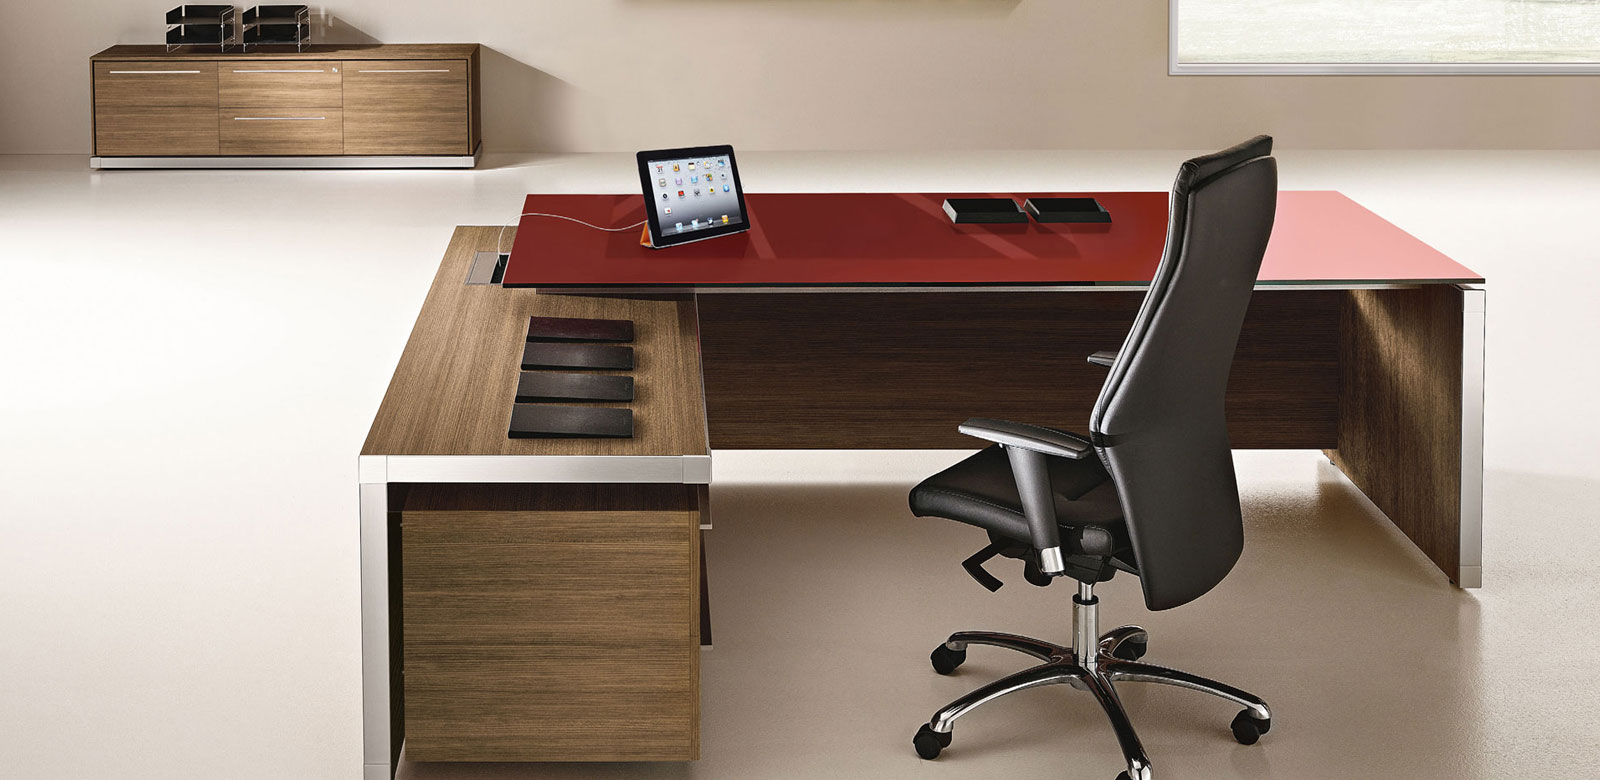 Arredo ufficio arredamento e mobili per ufficio su misura for Subito varese arredamento